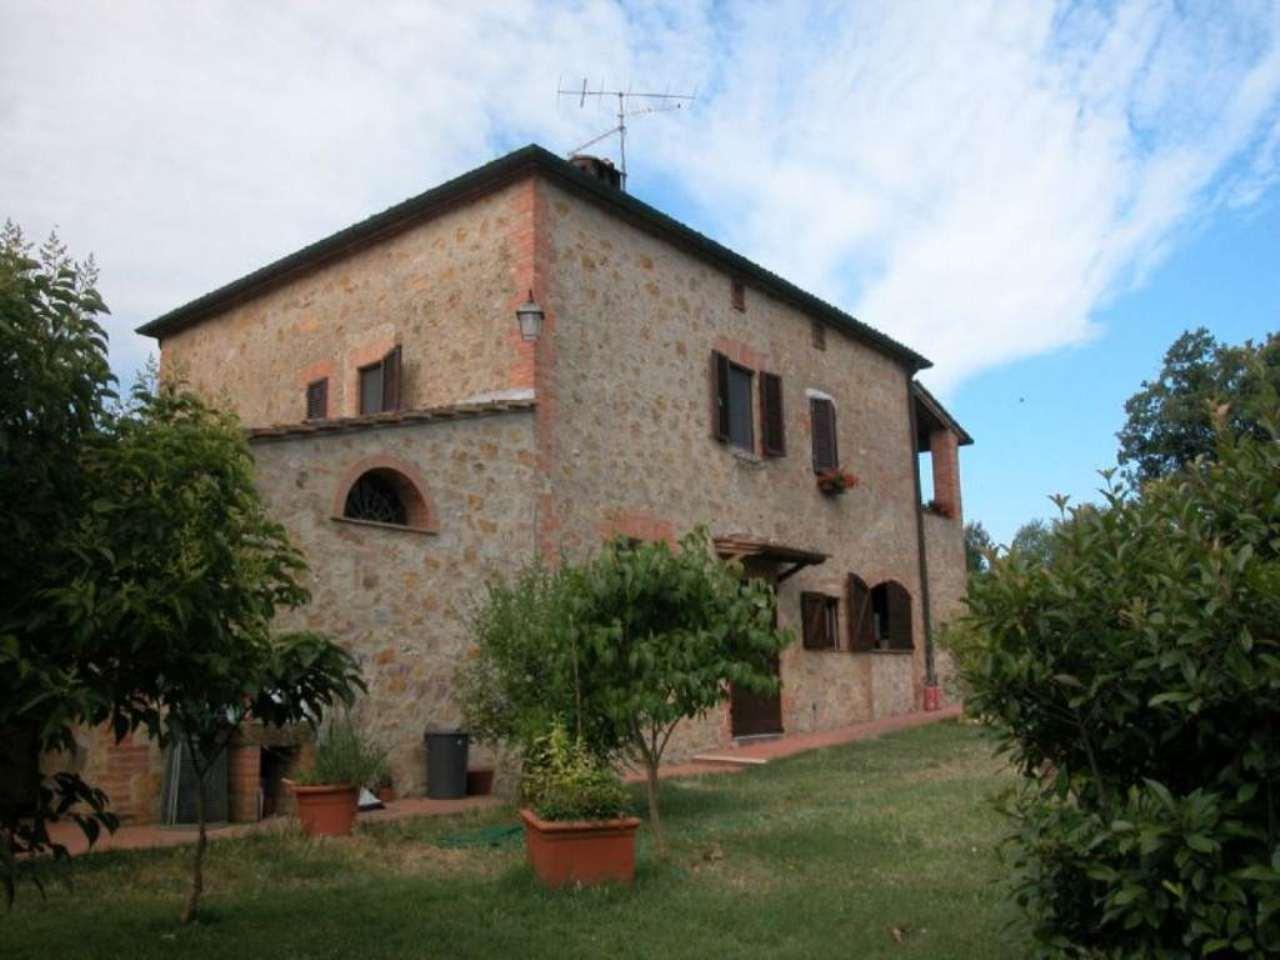 Rustico / Casale in vendita a Pienza, 6 locali, prezzo € 949.000 | Cambio Casa.it